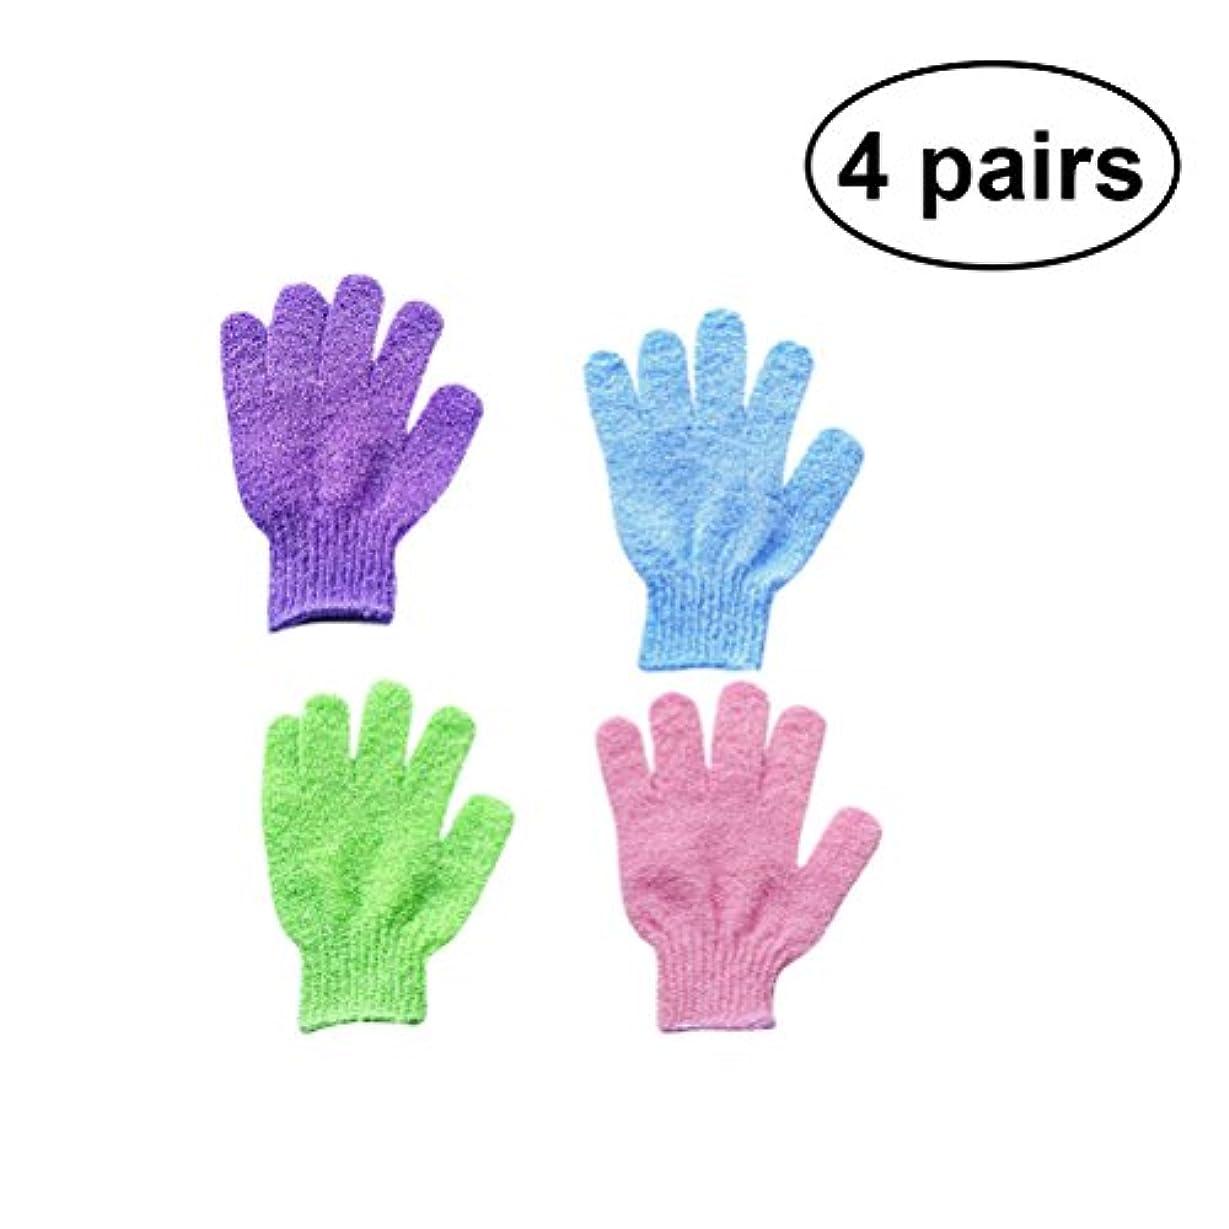 引退する検閲不完全Healifty 4 Pairs Exfoliating Bath Gloves Shower Mitts Exfoliating Body Spa Massage Dead Skin Cell Remover